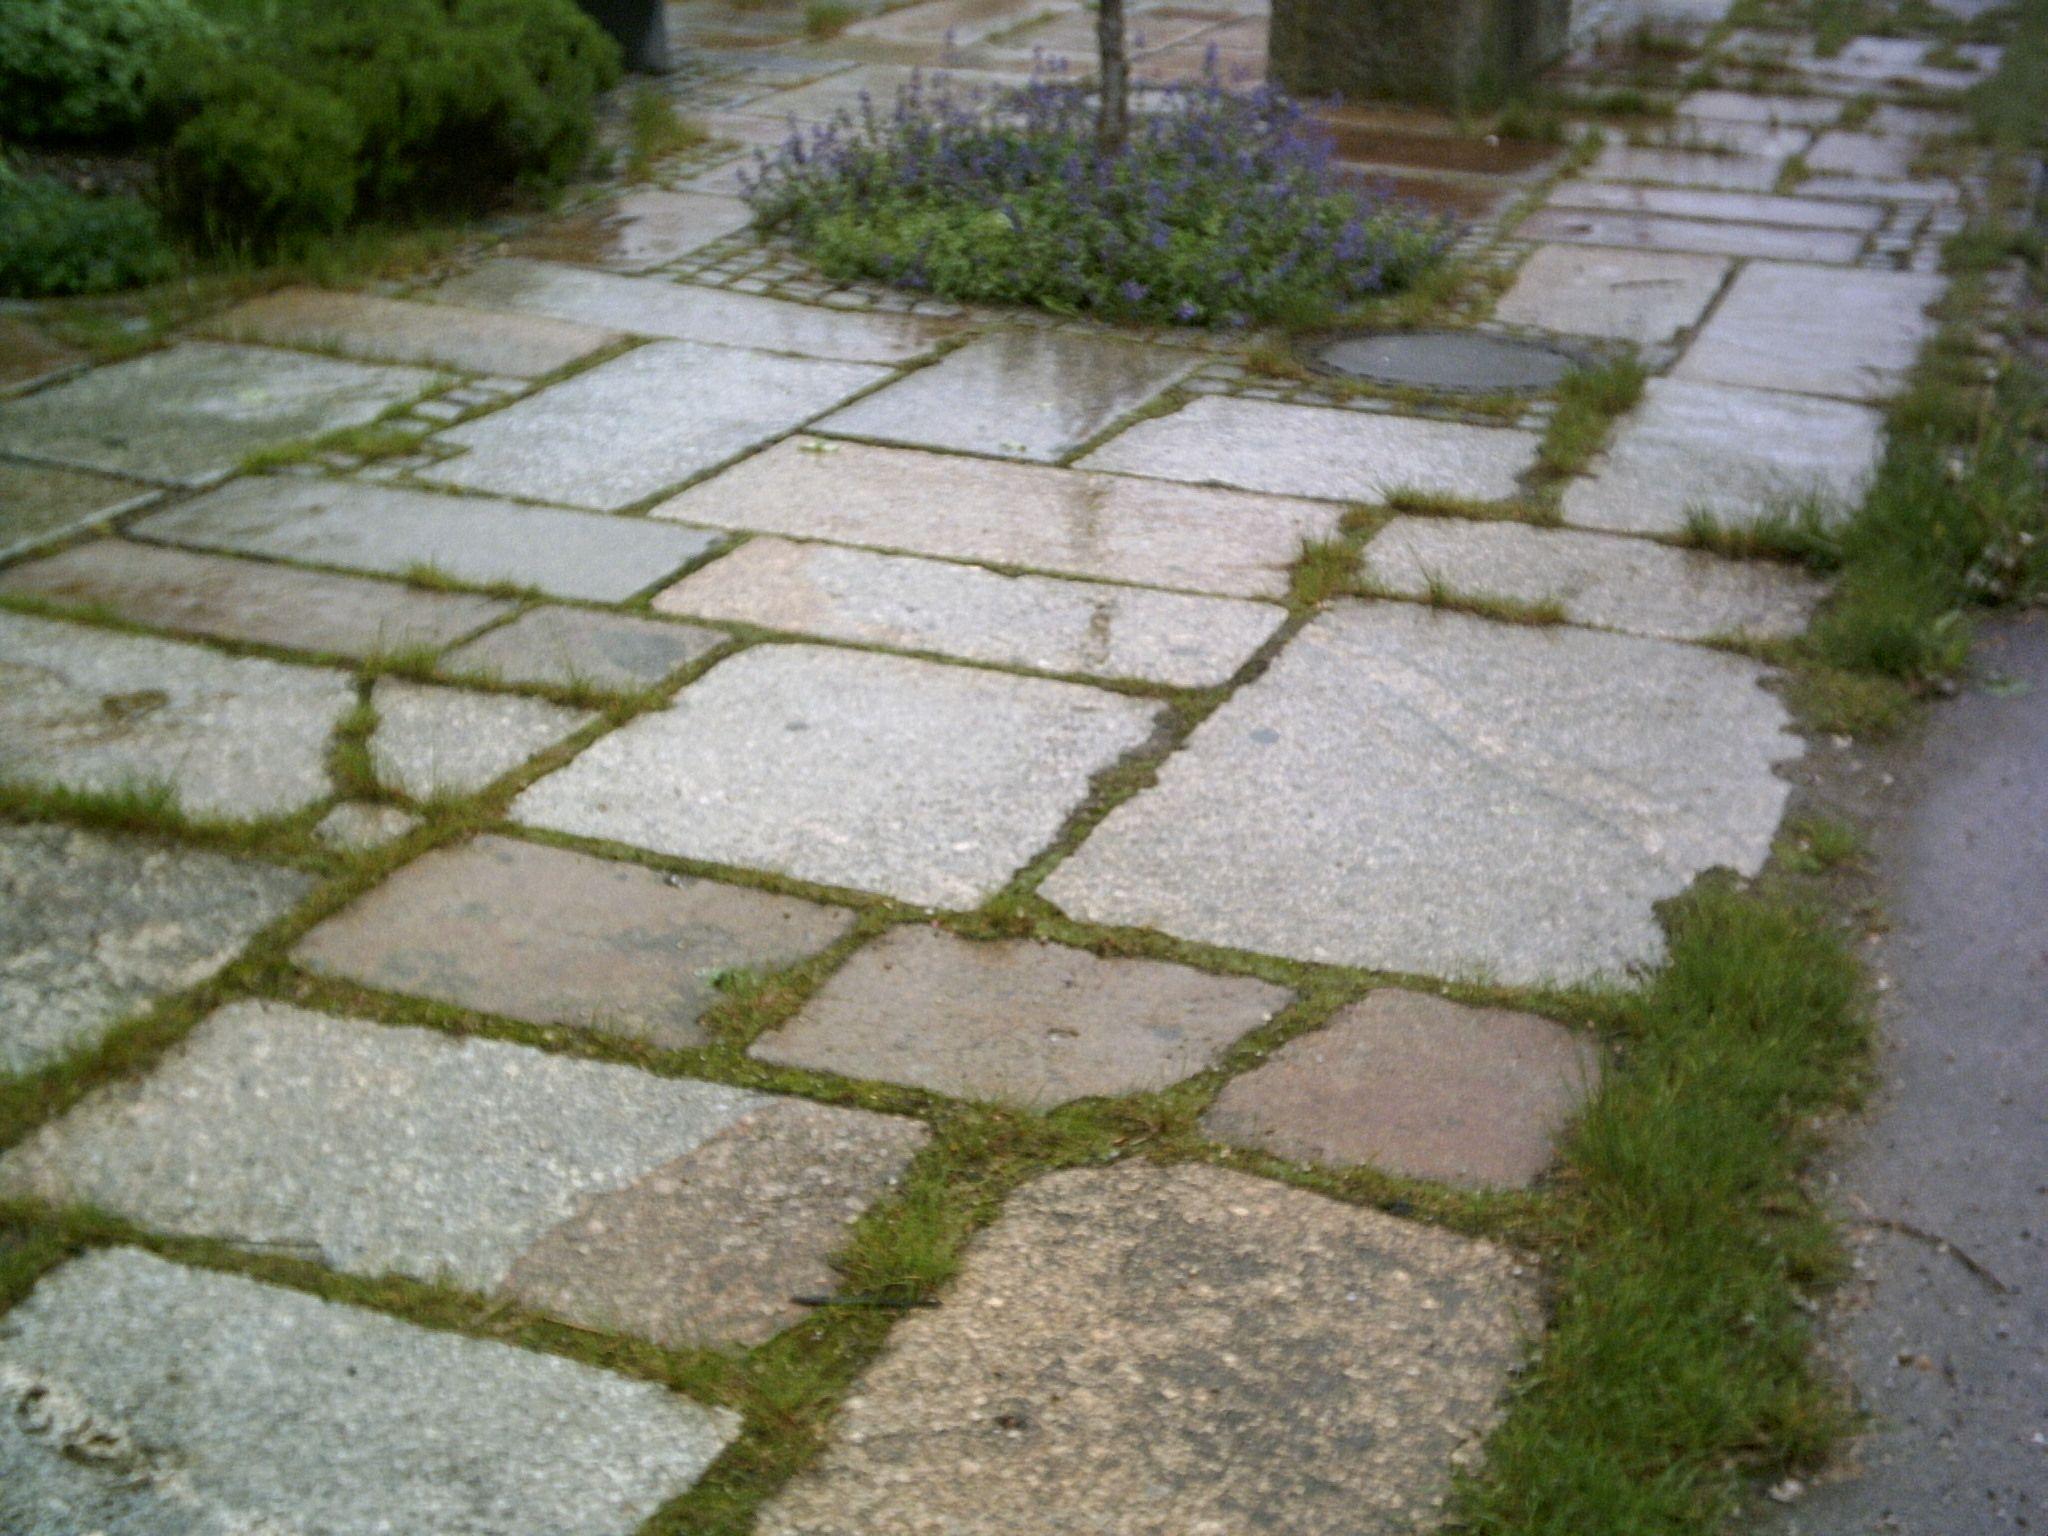 gredplatten granum natursteine gmbh gredplatten stellplatz ideen terrasse betonieren. Black Bedroom Furniture Sets. Home Design Ideas